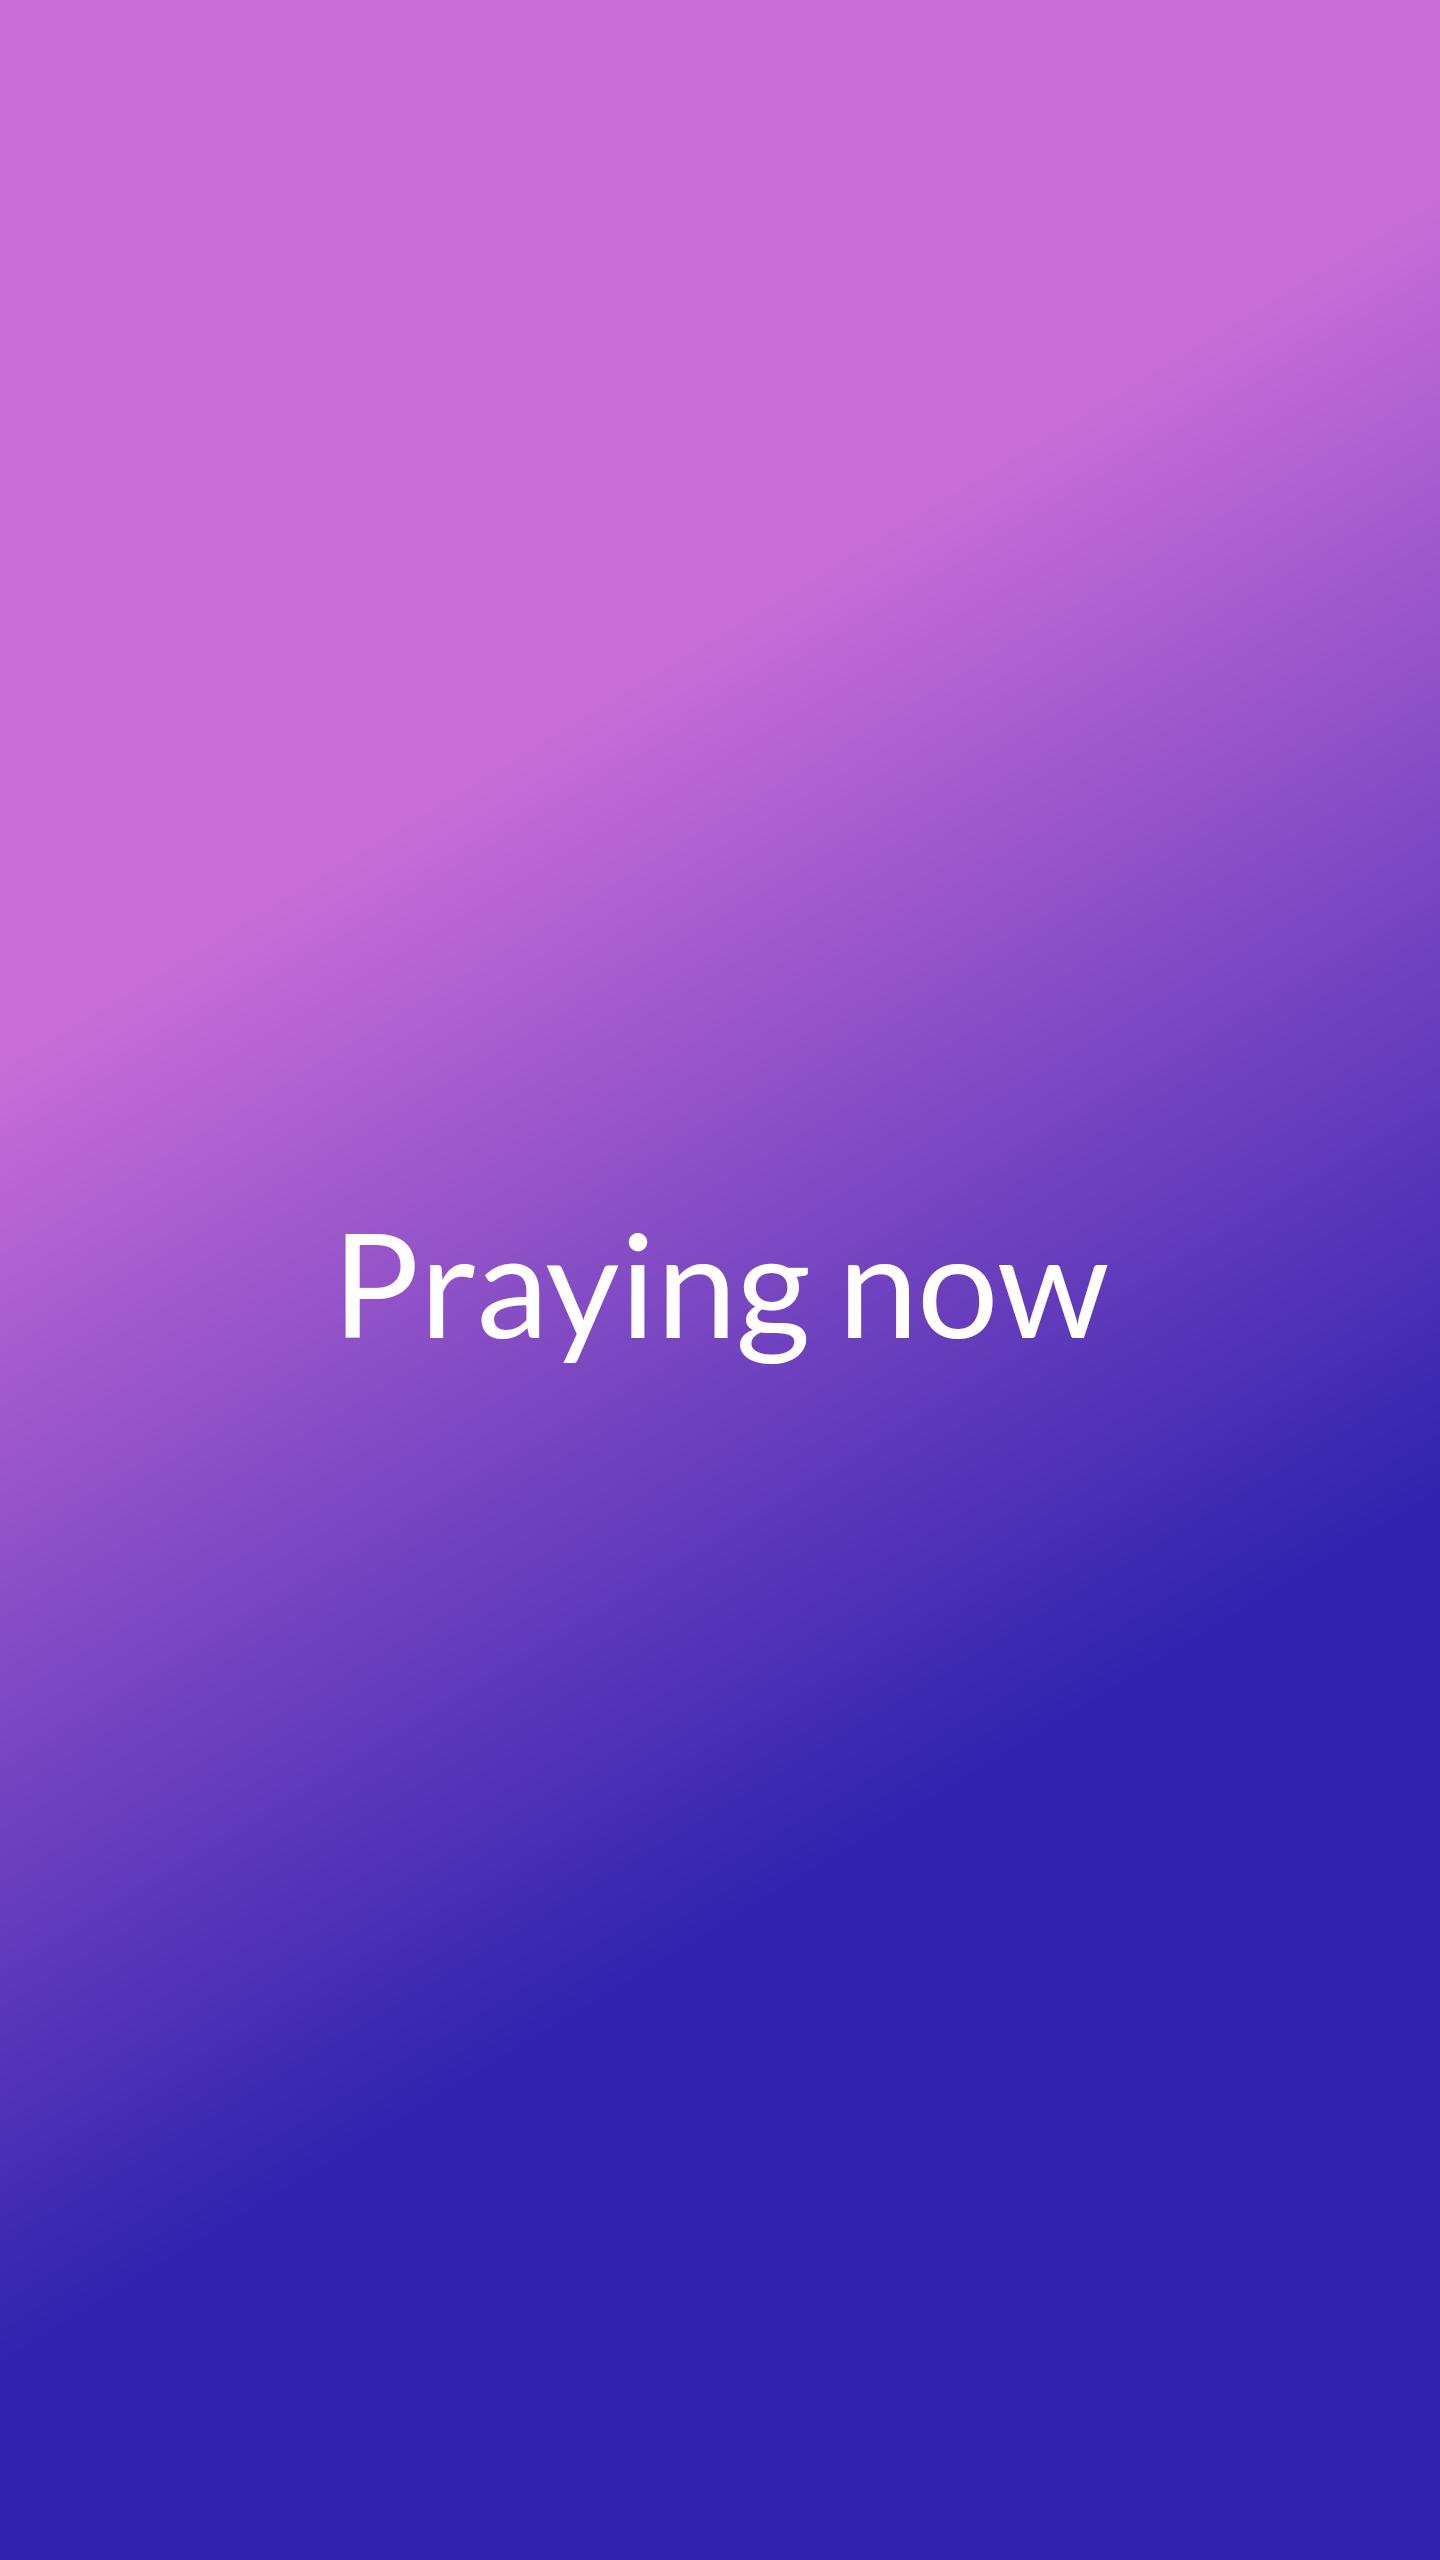 You: Praying now #prayingnow #monthofjoy